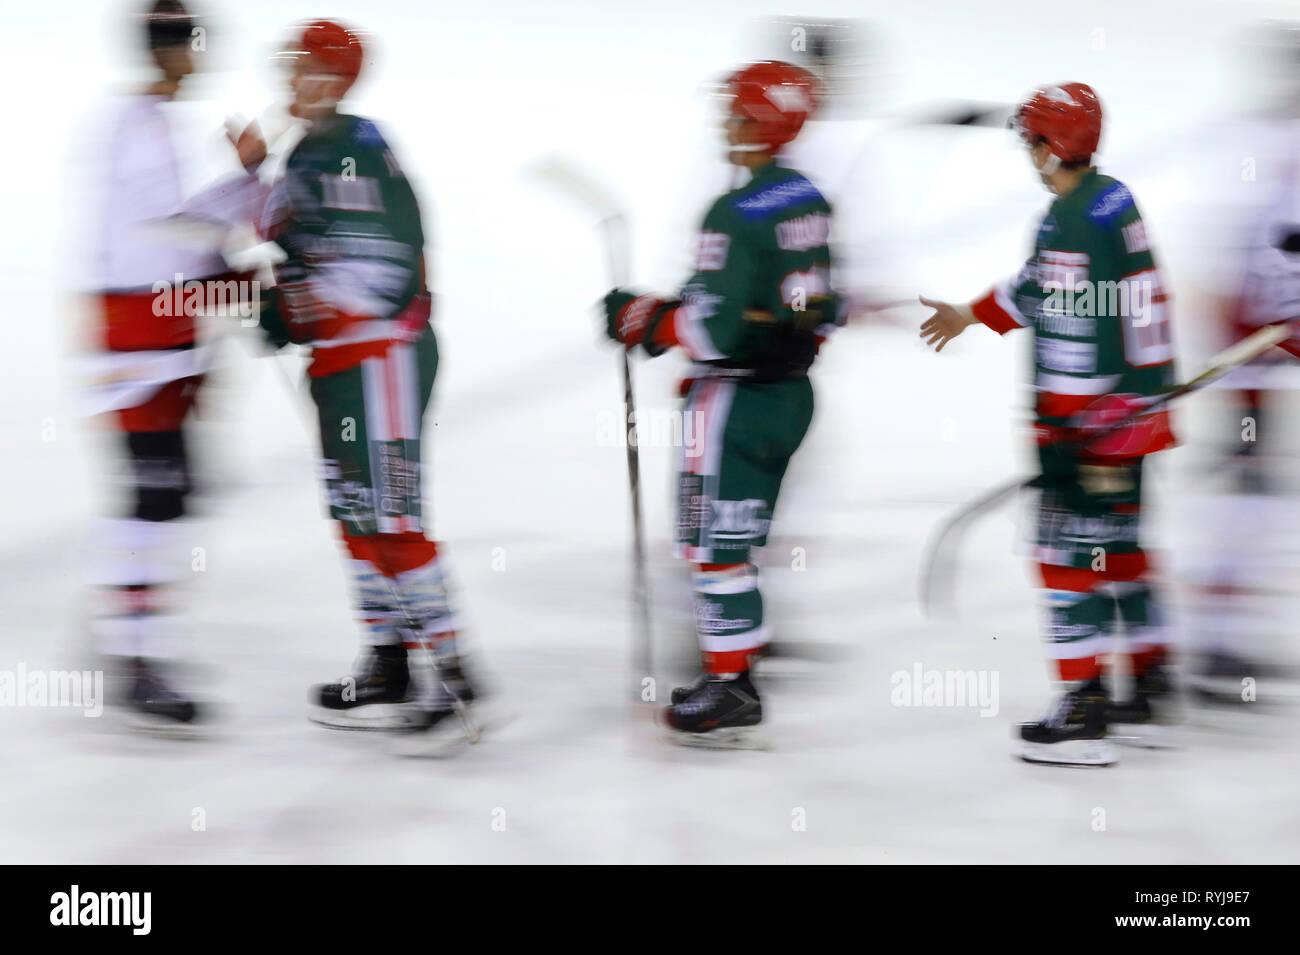 Coincidencia de Hockey sobre hielo. Fair Play. Megeve. Francia. Imagen De Stock